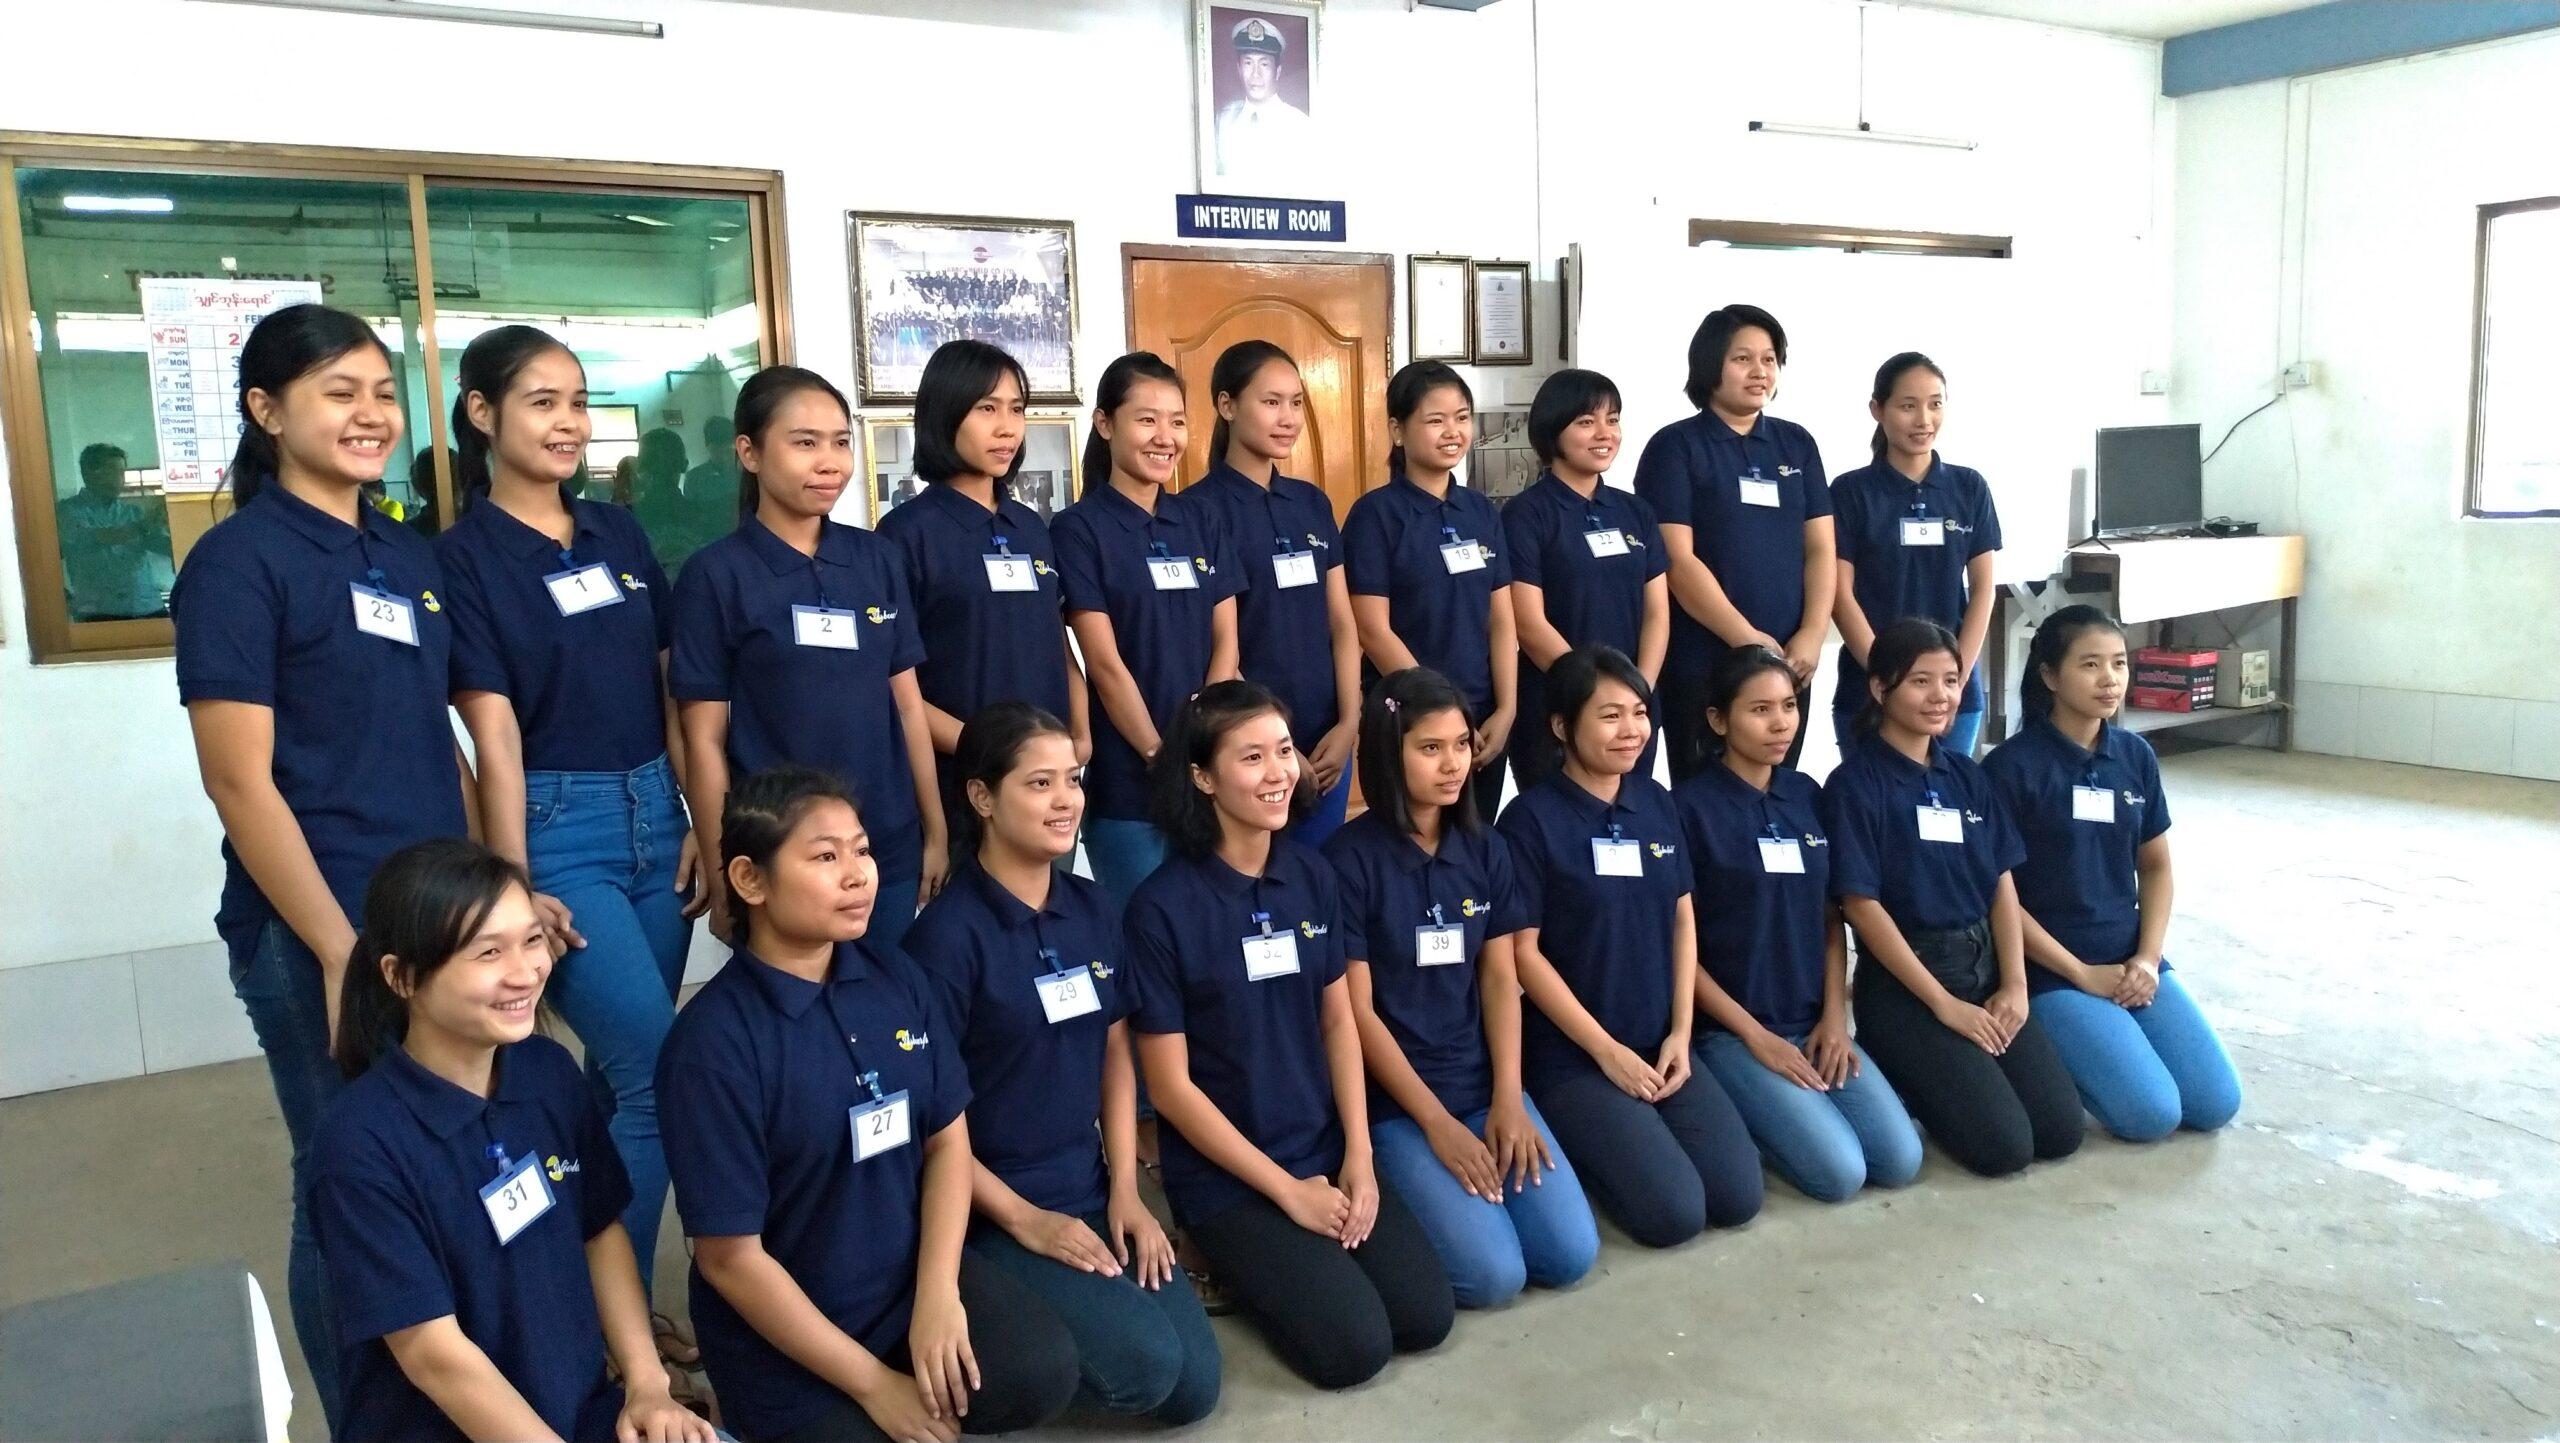 惣菜製造業の面接。ミャンマー人材の女性を求めて採用に。